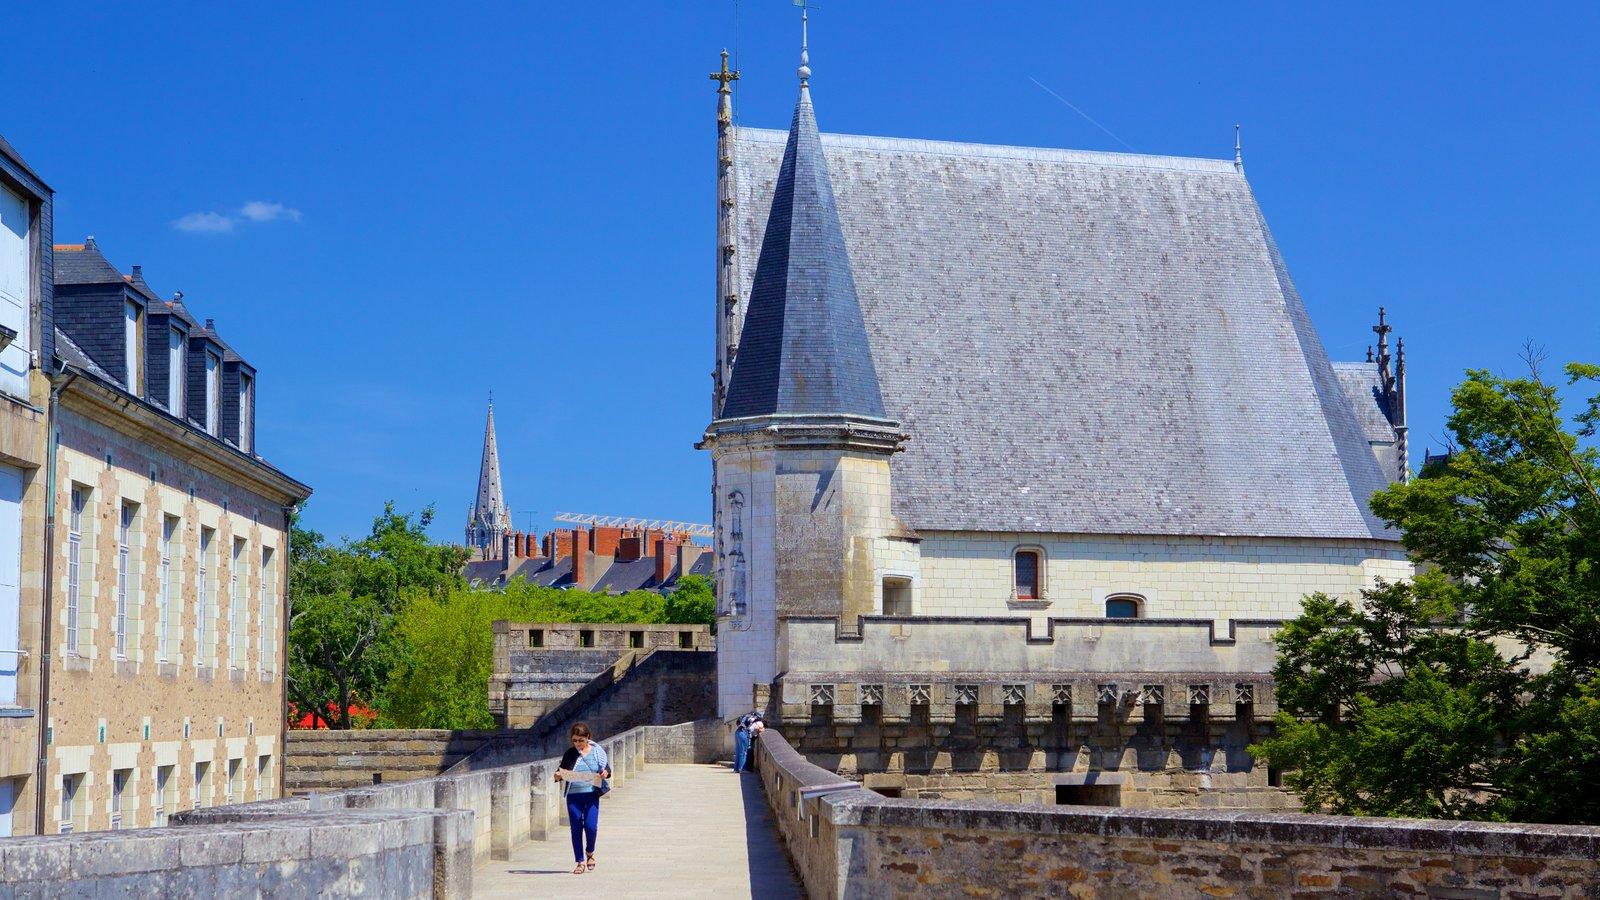 Nantes mostrando elementos de patrimônio e arquitetura de patrimônio